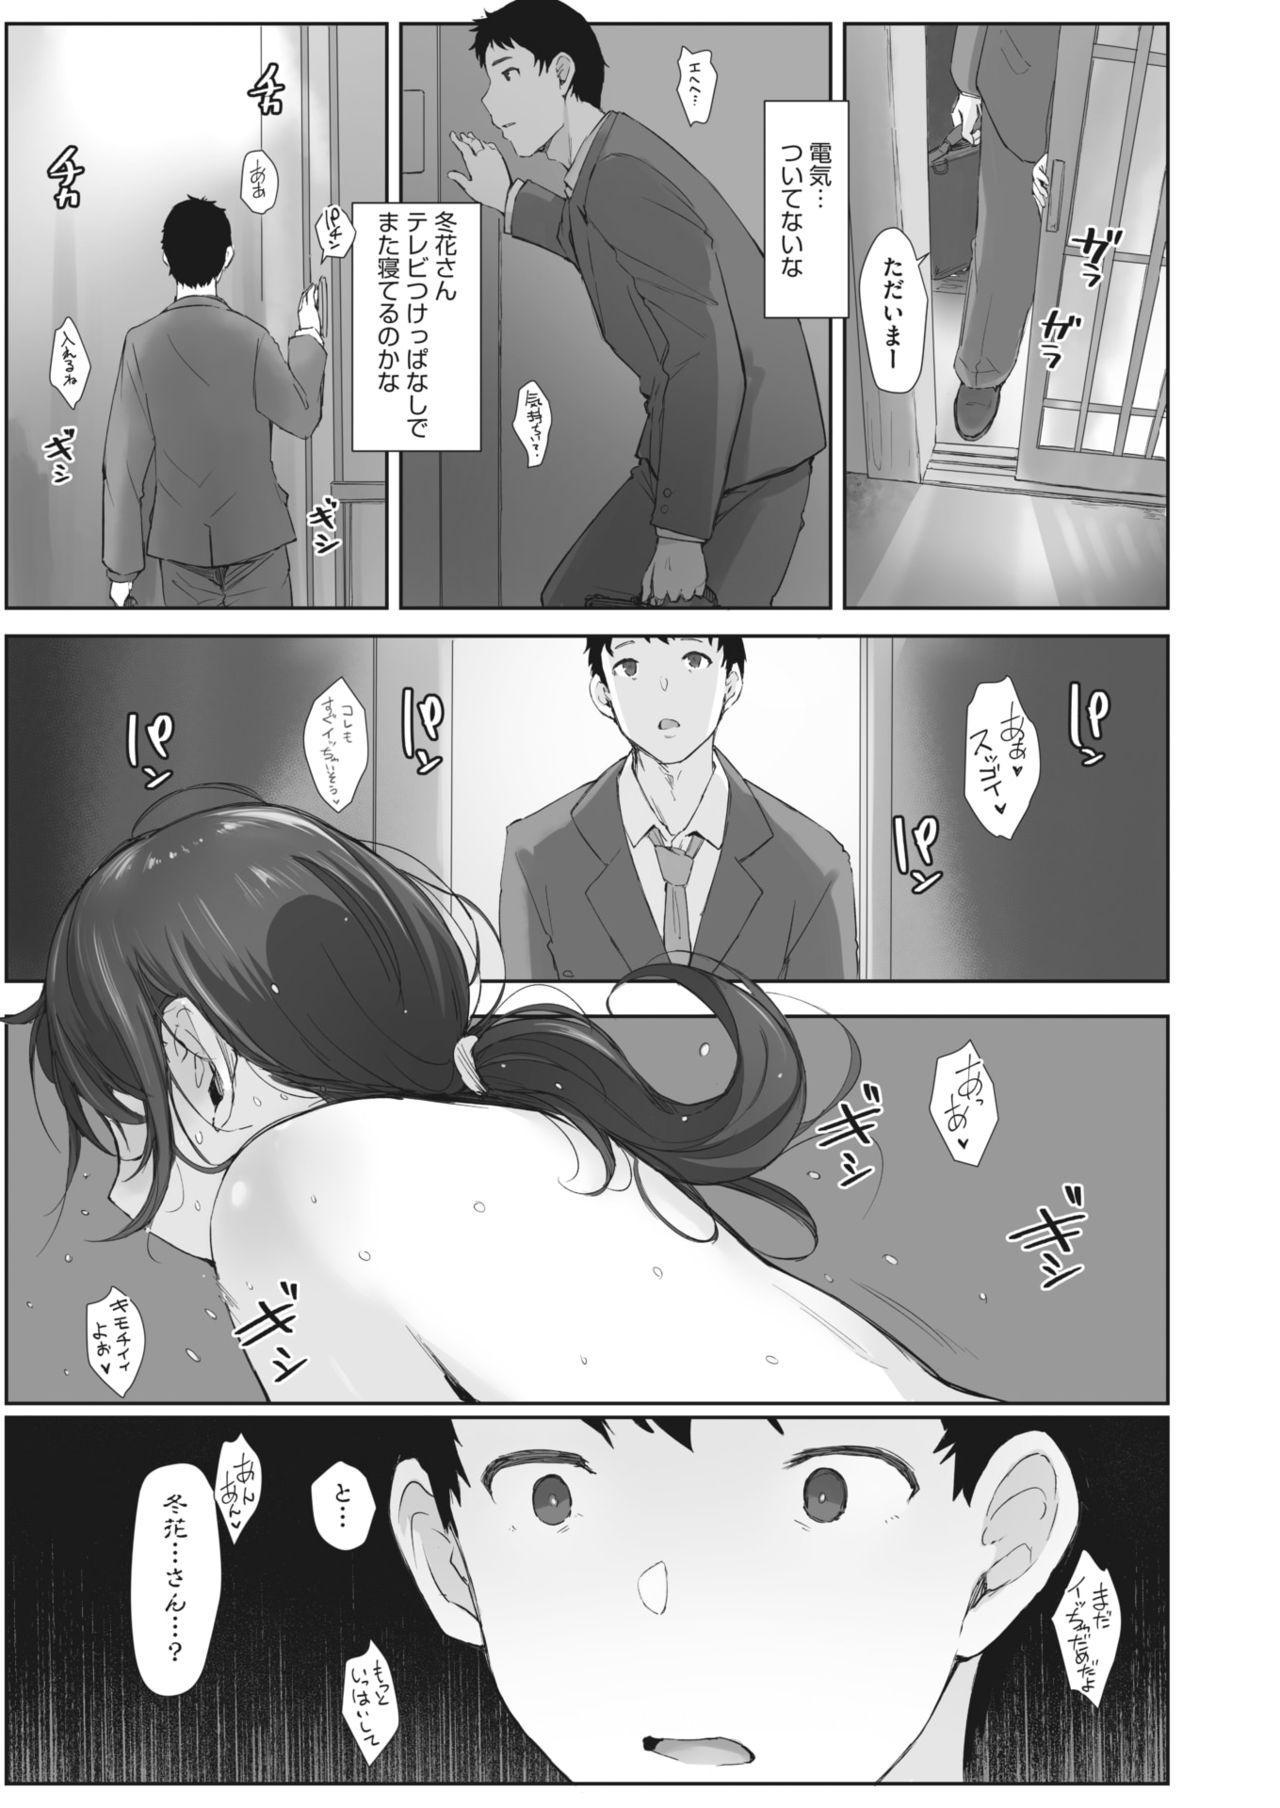 Kawa no Tsumetasa wa Haru no Otozure 1-4 104